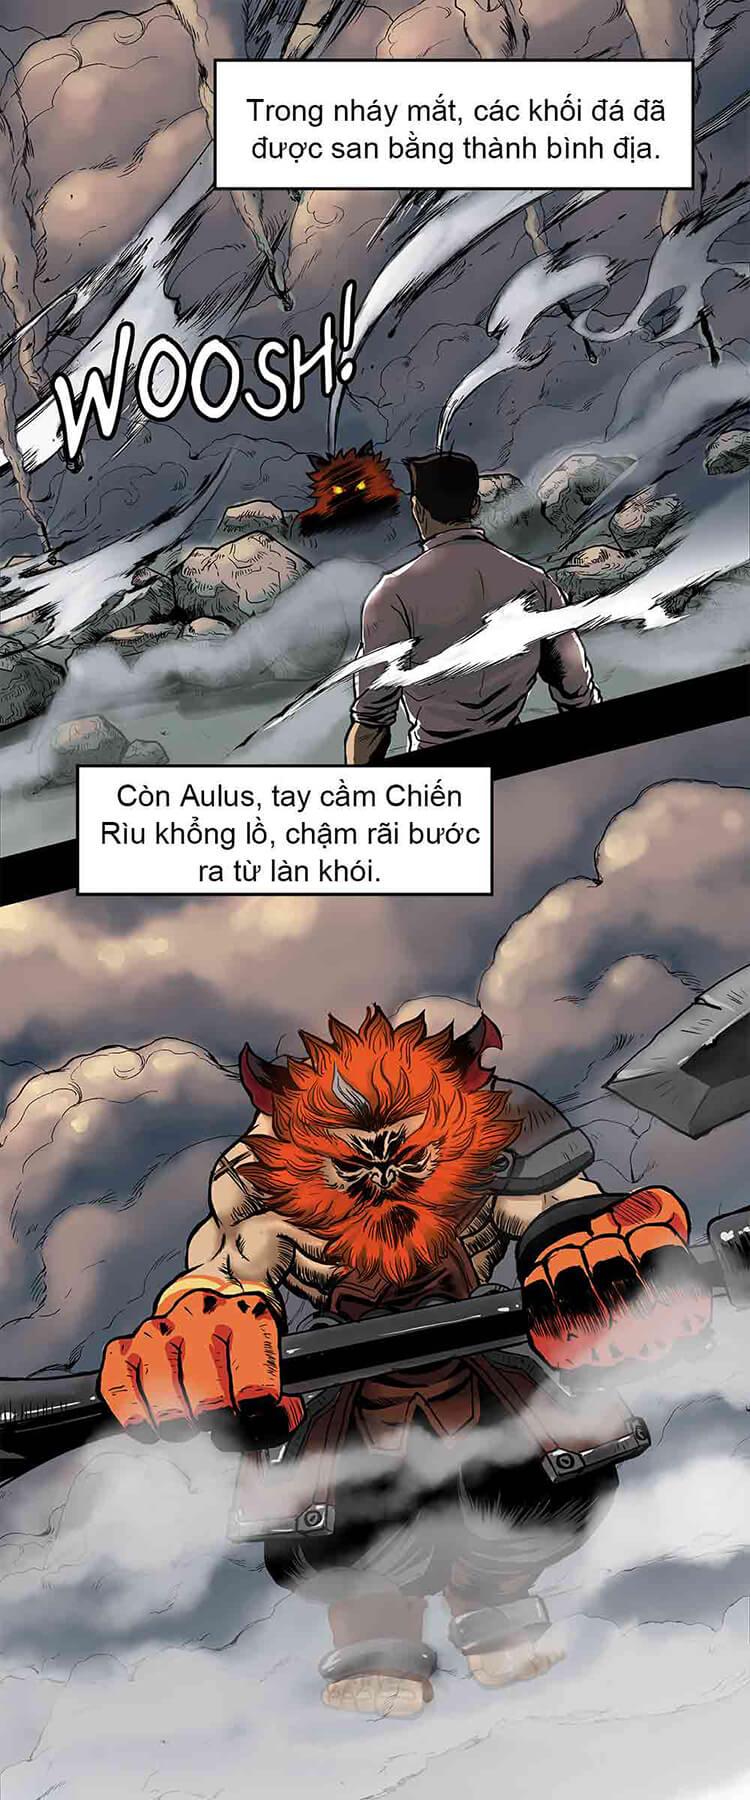 Mobile Legends: Bang Bang tung comic giới thiệu tướng mới Aulus - Ảnh 17